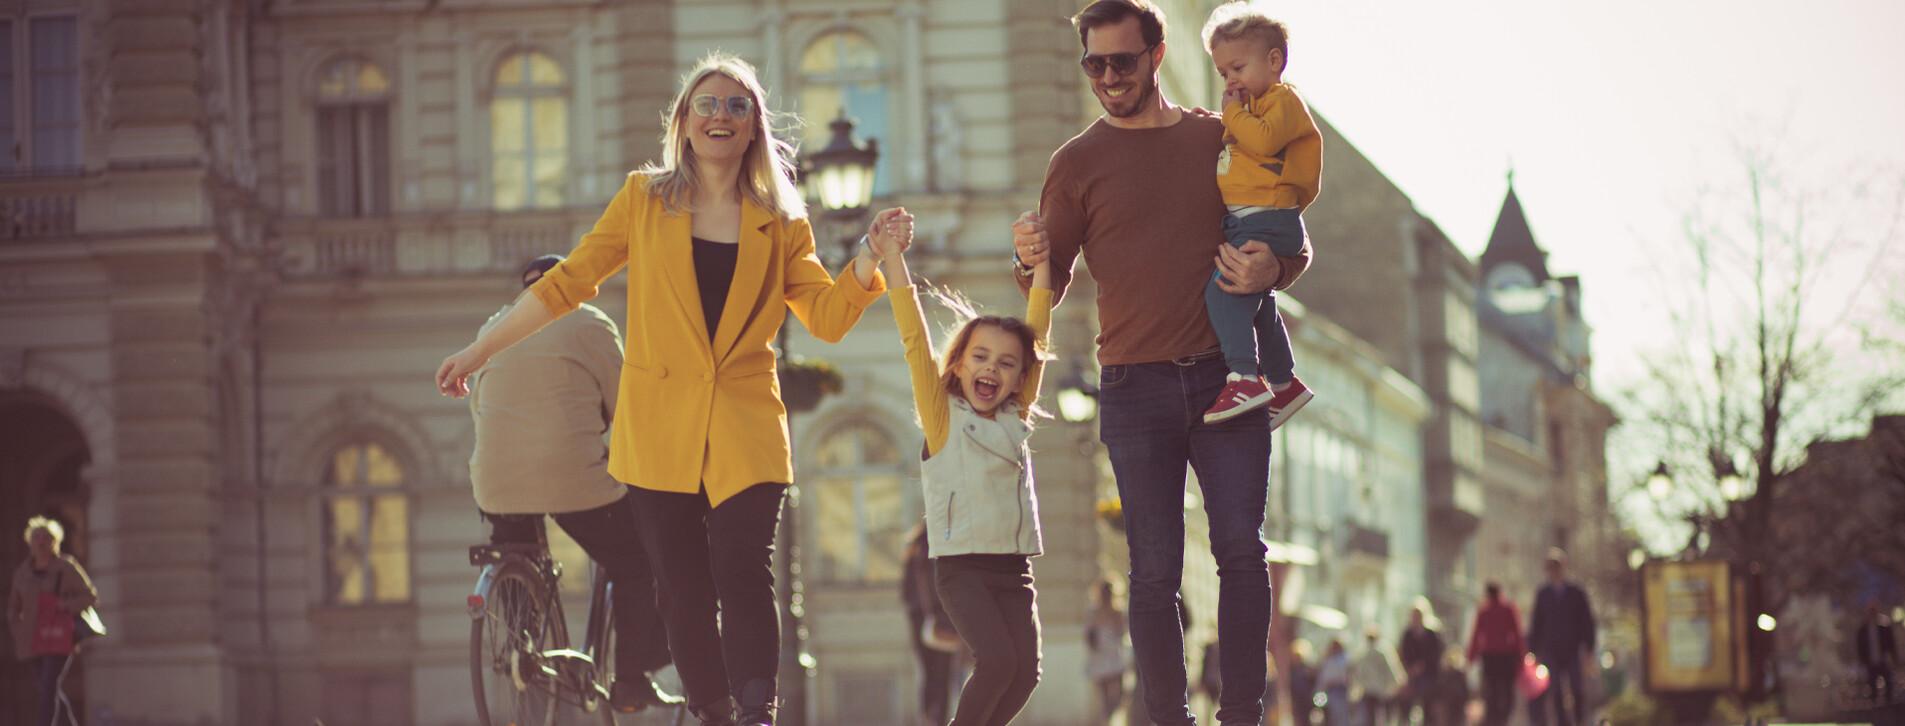 Фото 1 - Семейный VIP уикенд во Львове